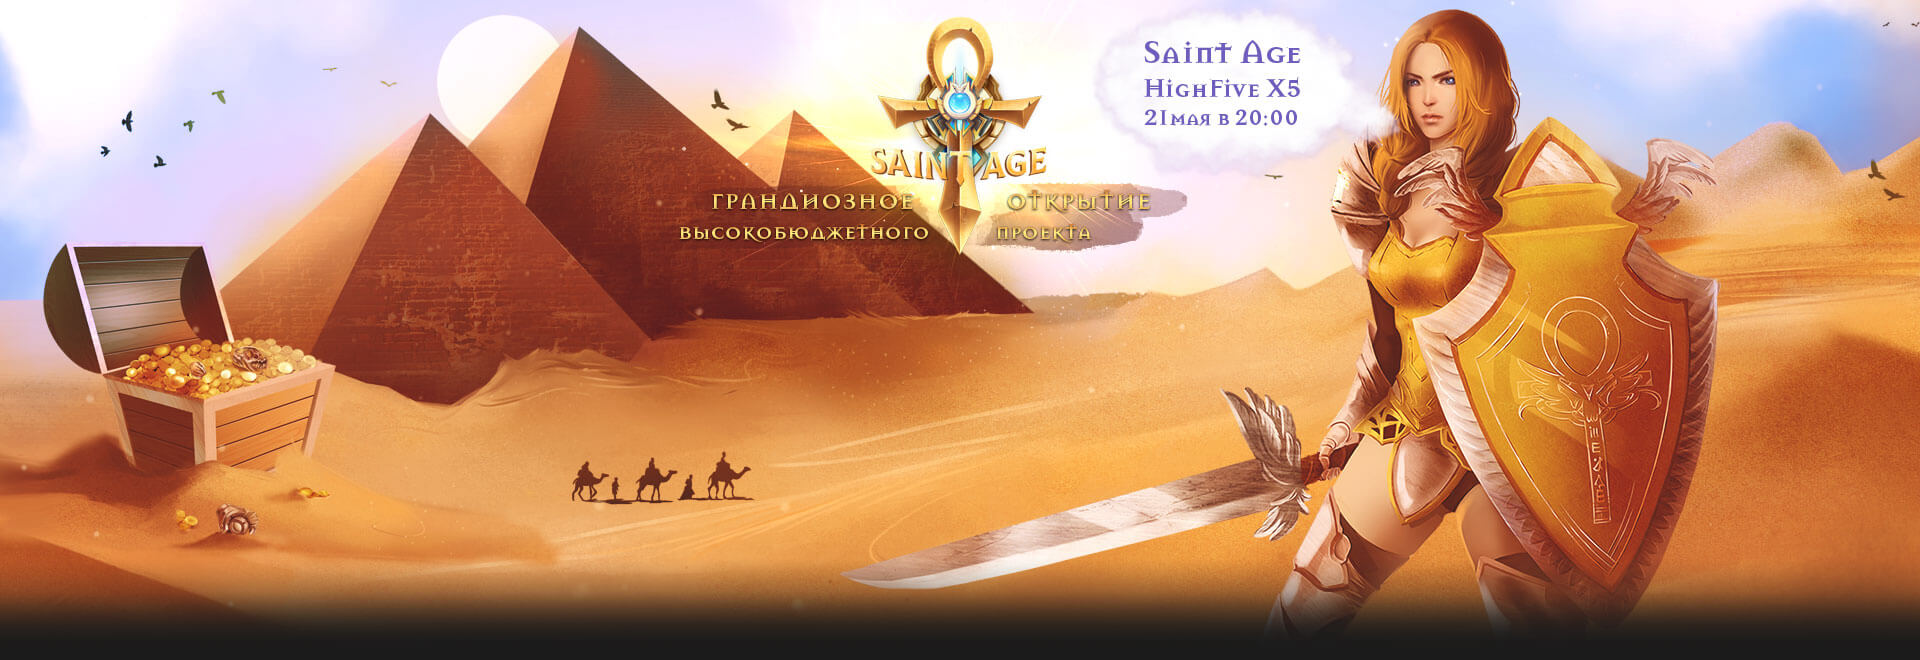 SaintAge